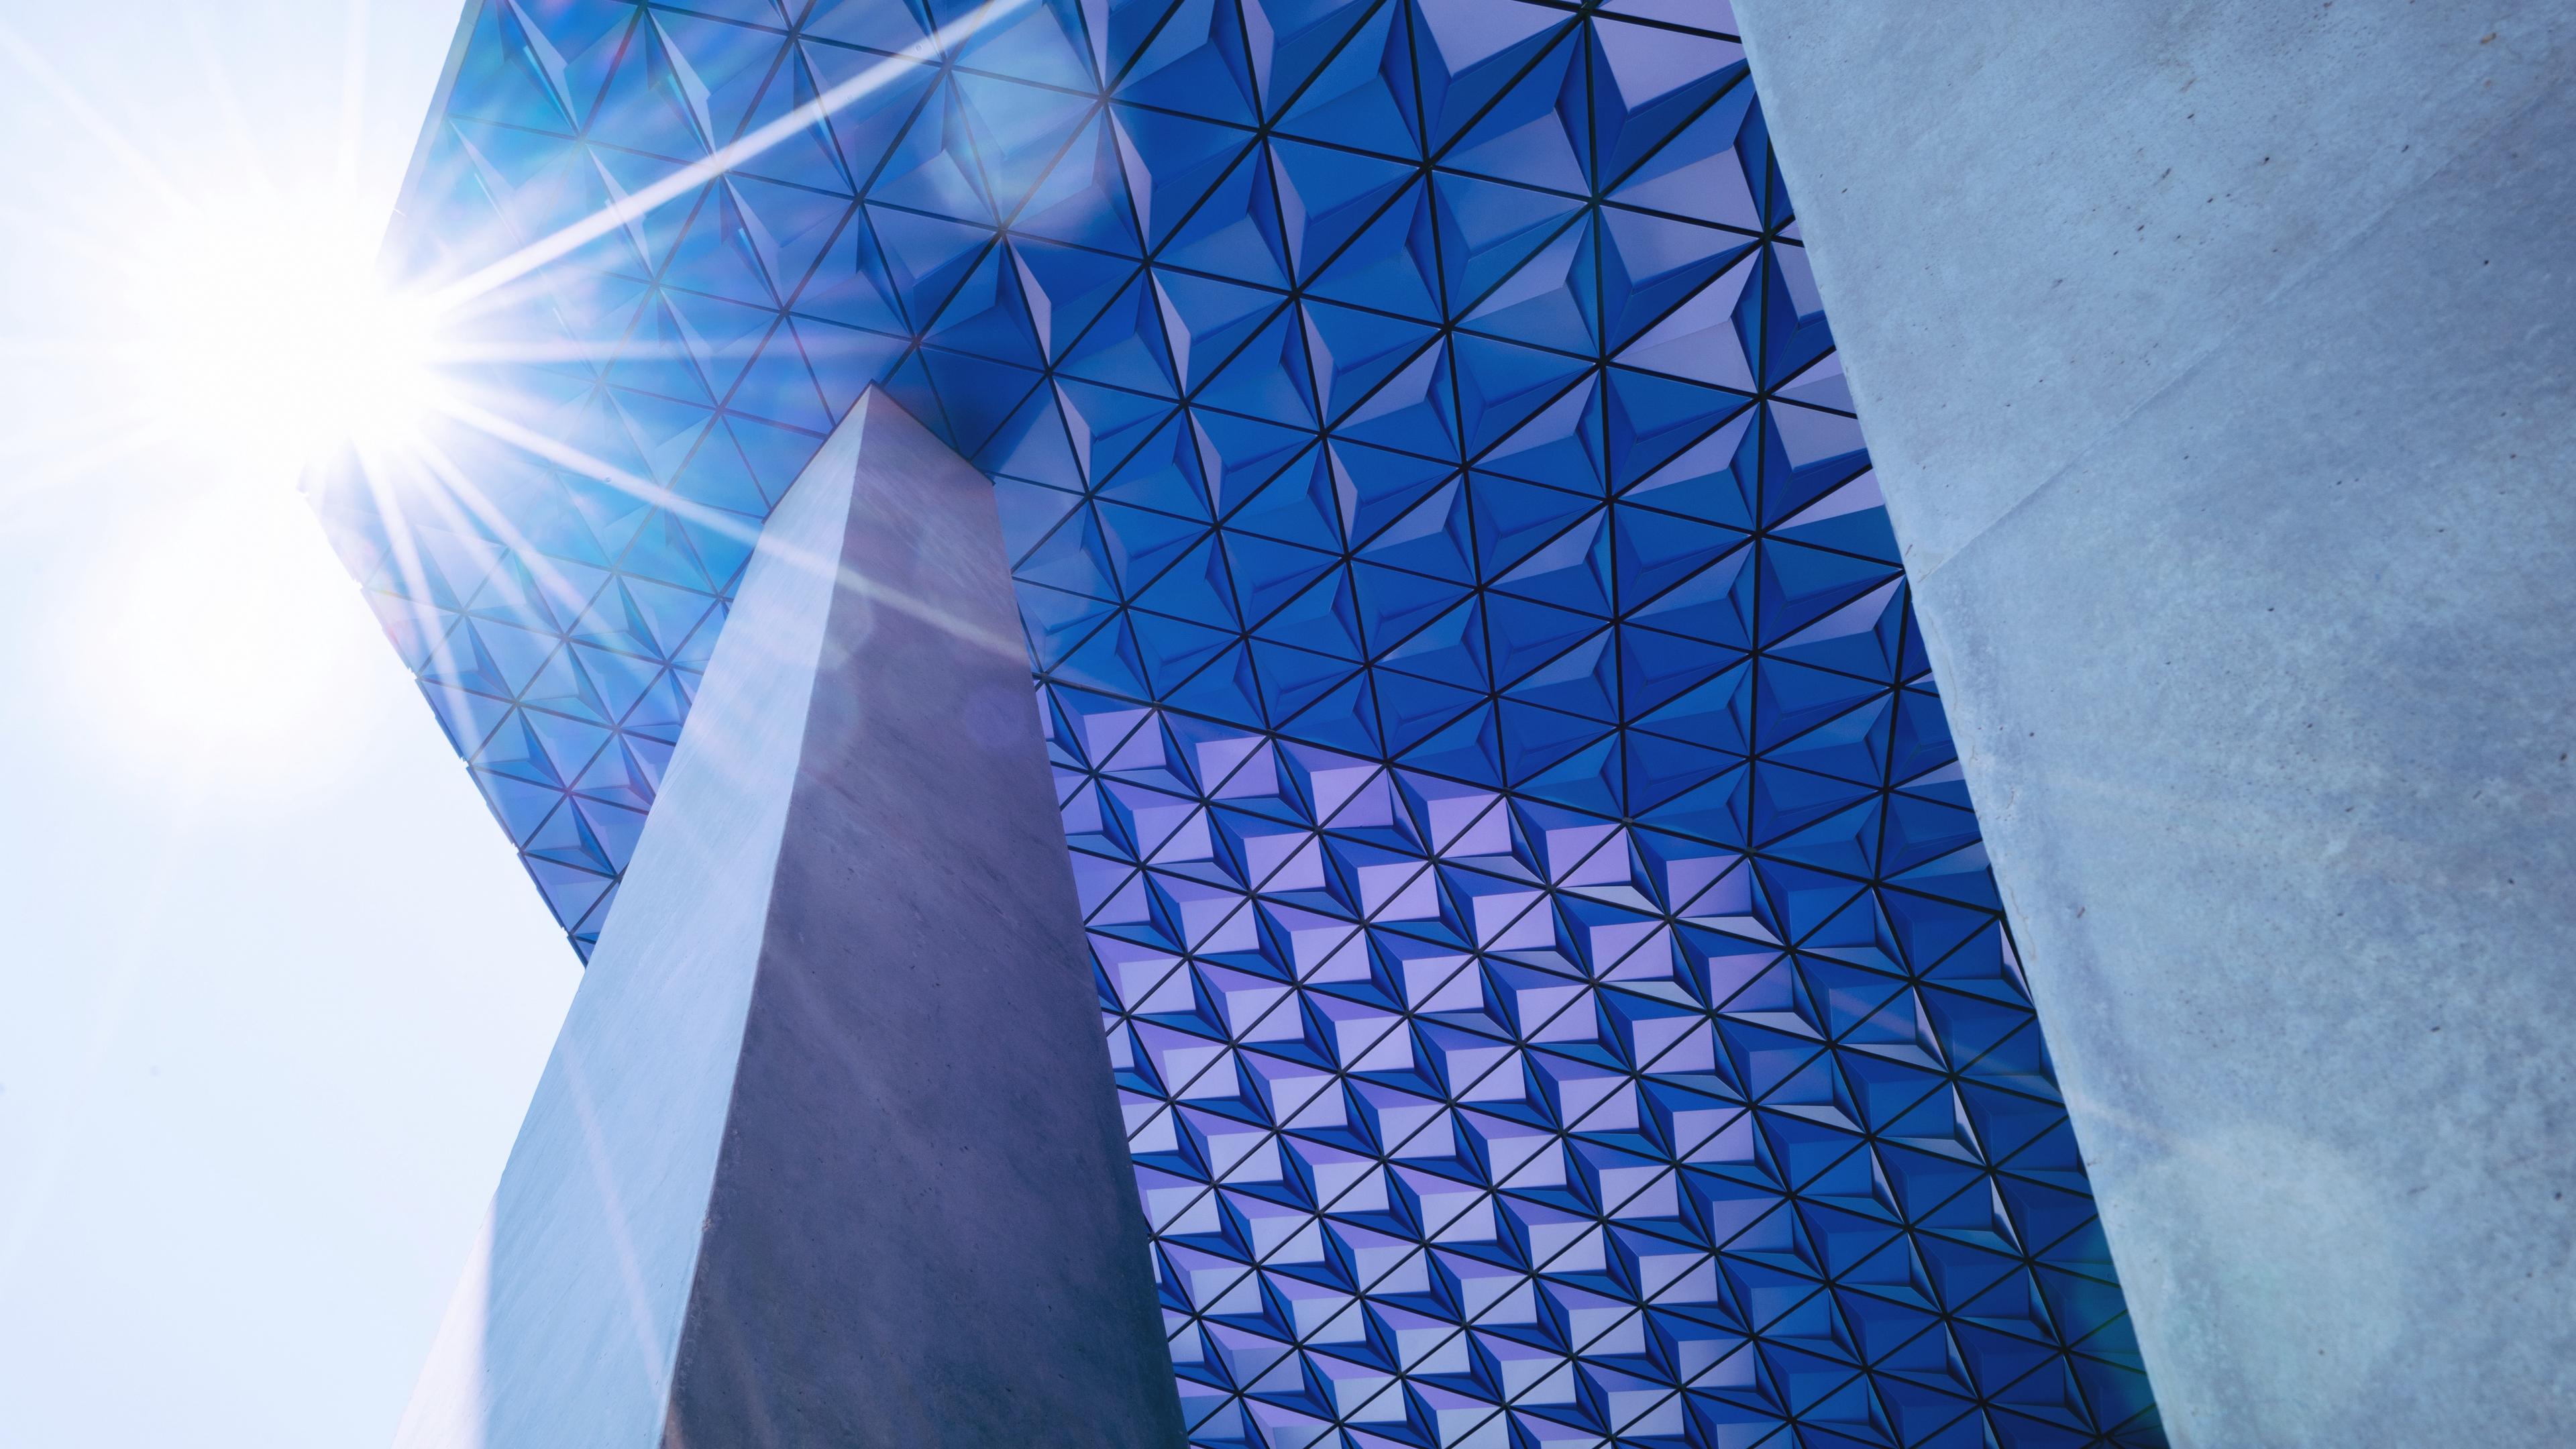 architecture structure shape light 4k 1538065001 - architecture, structure, shape, light 4k - Structure, shape, Architecture